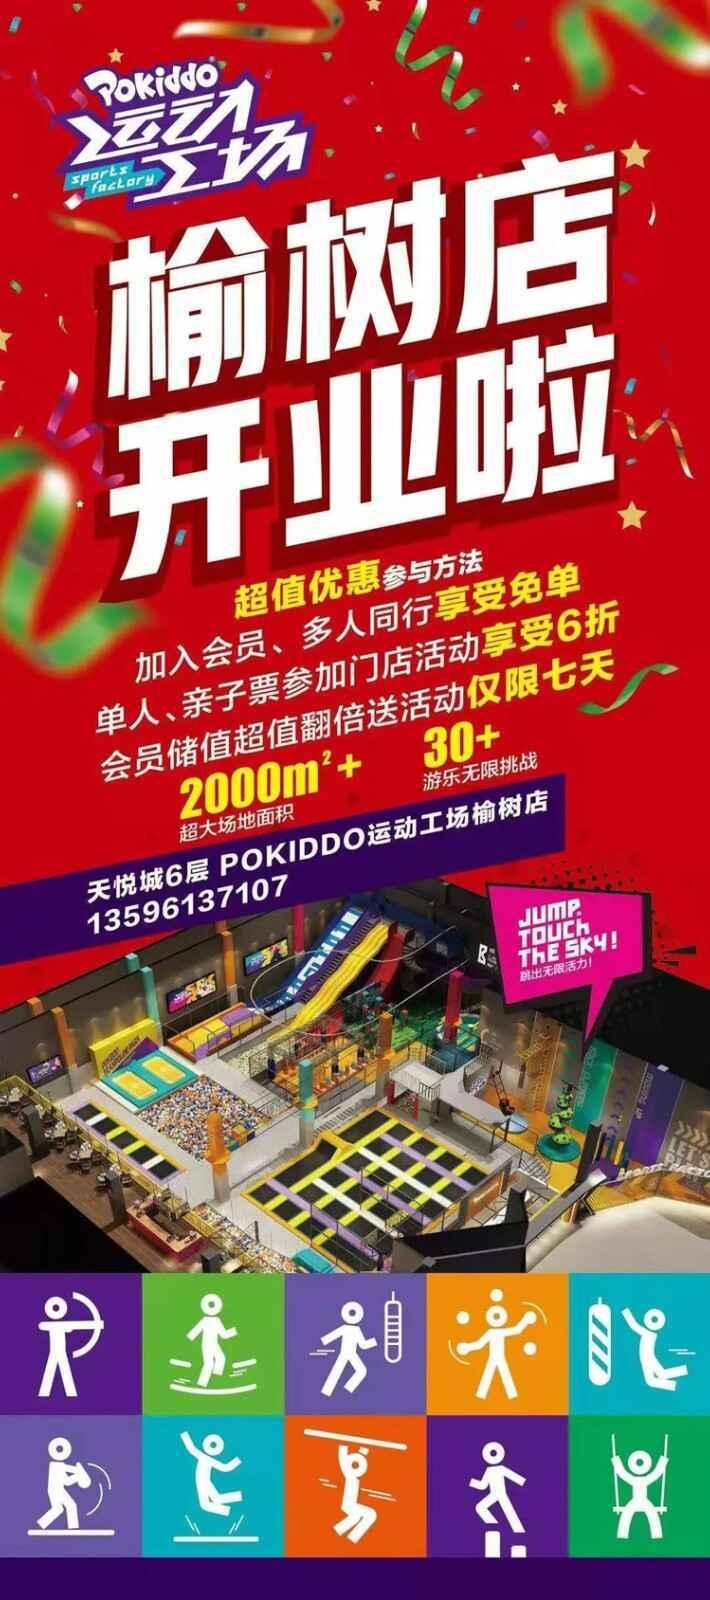 Pokiddo口袋屋蹦床公园(榆树店).jpg